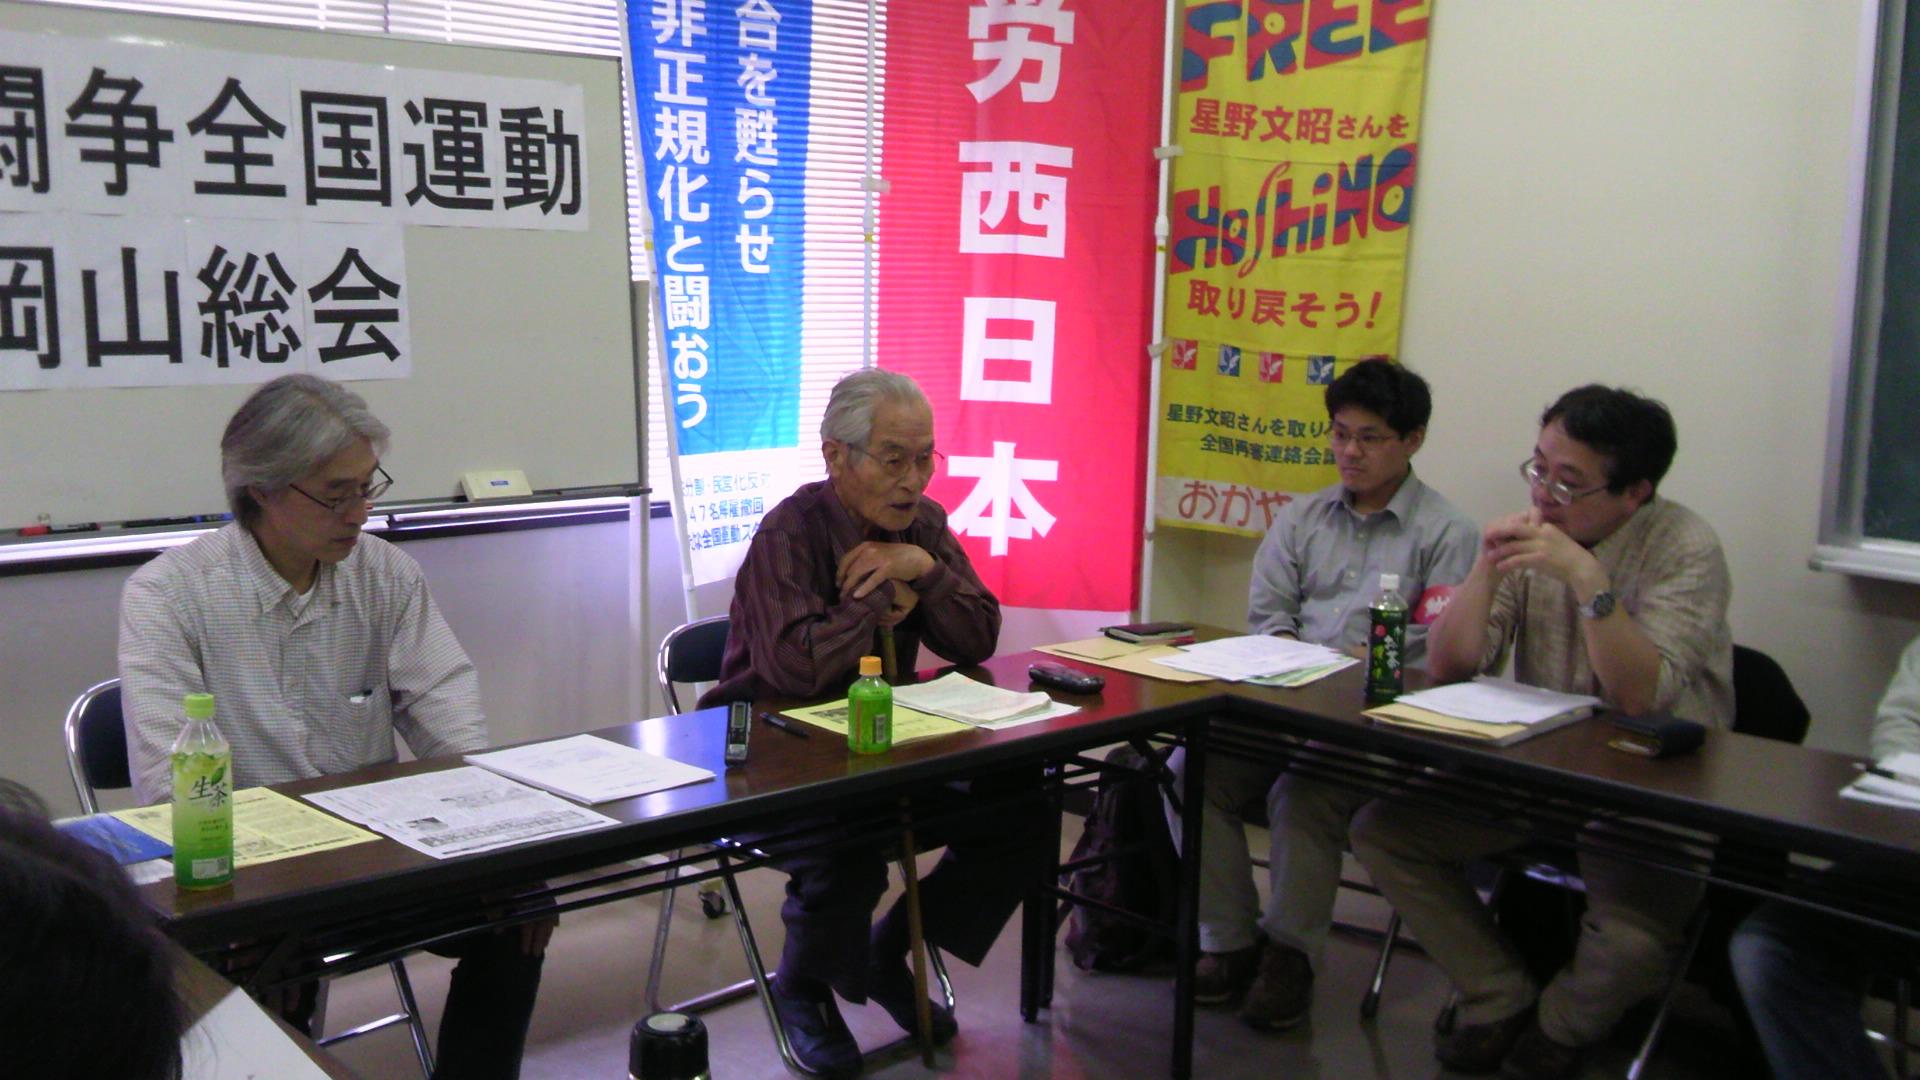 矢山有作さんを先頭に、国鉄闘争全国運動・岡山総会を開催しました_d0155415_1844795.jpg